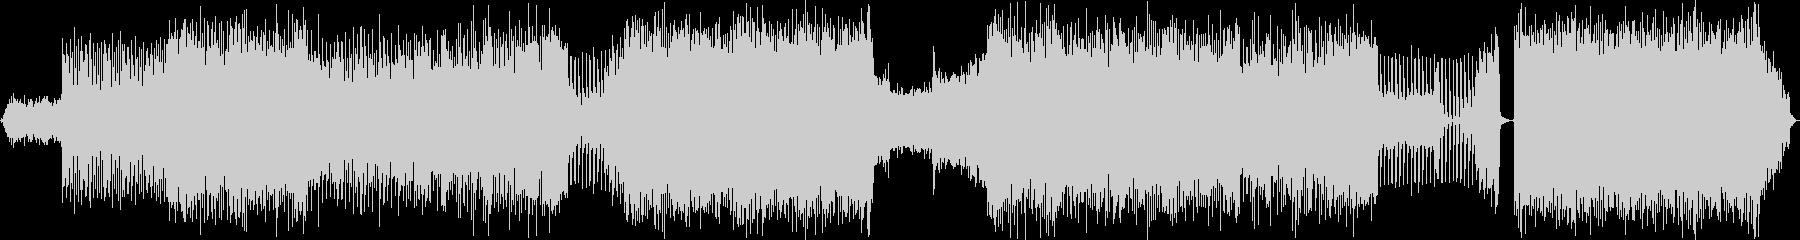 【アコギ抜き】アコギ+EDM  の未再生の波形